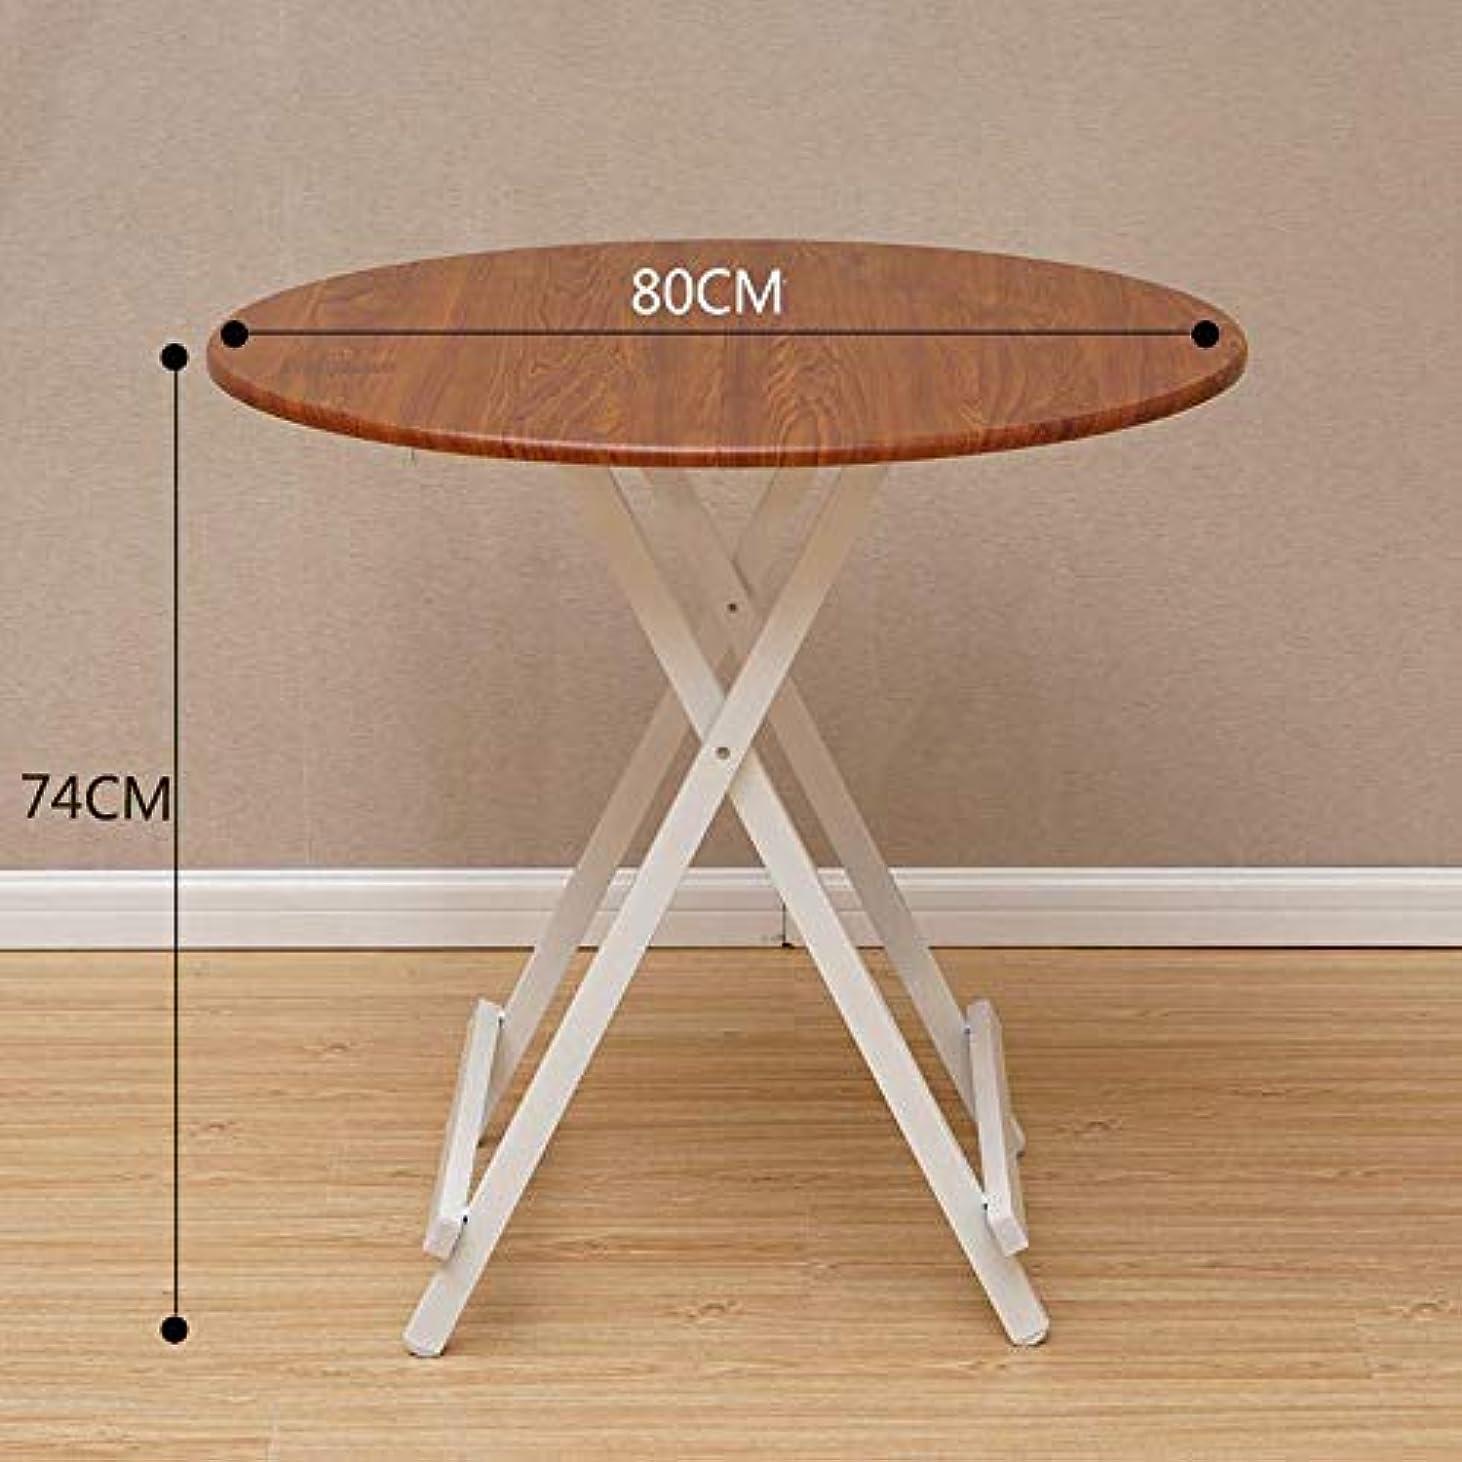 伸ばす視力感じるポータブル折りたたみテーブル朝食トレイ折りたたみラウンドテーブルミニテーブルダイニングテーブル竹テーブルシンプルなスクエアテーブル中国レトロ,E